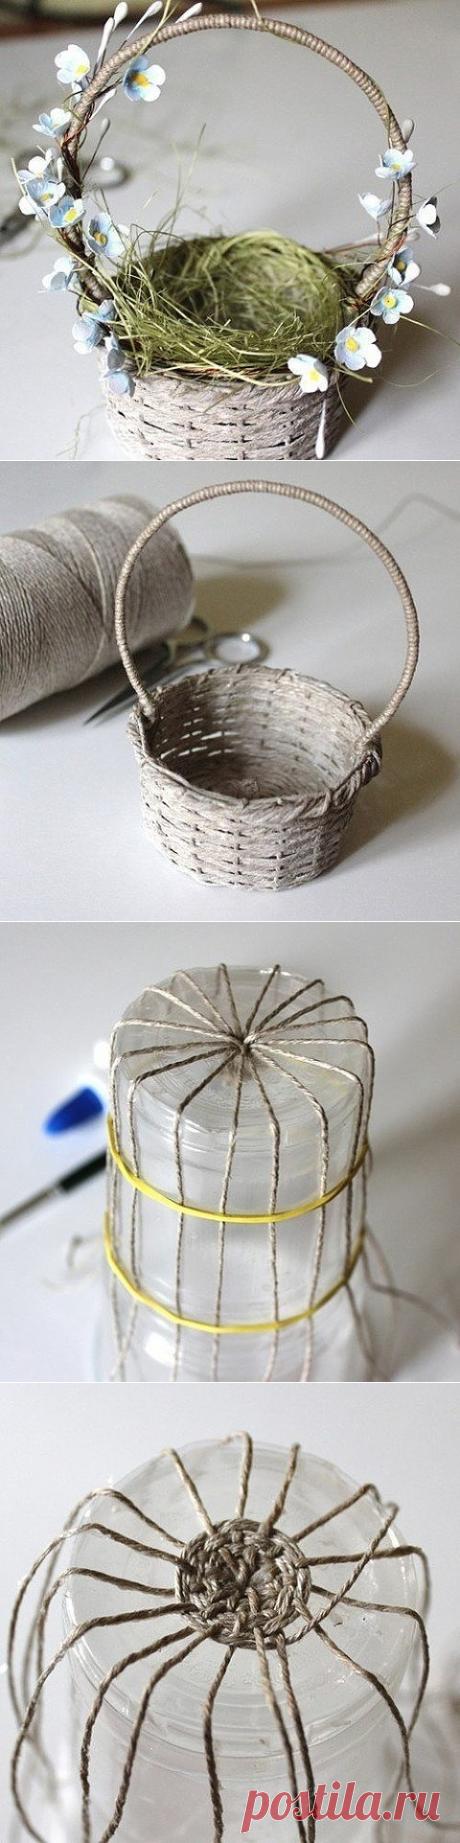 El modo simple del tejido del canastillo del yute